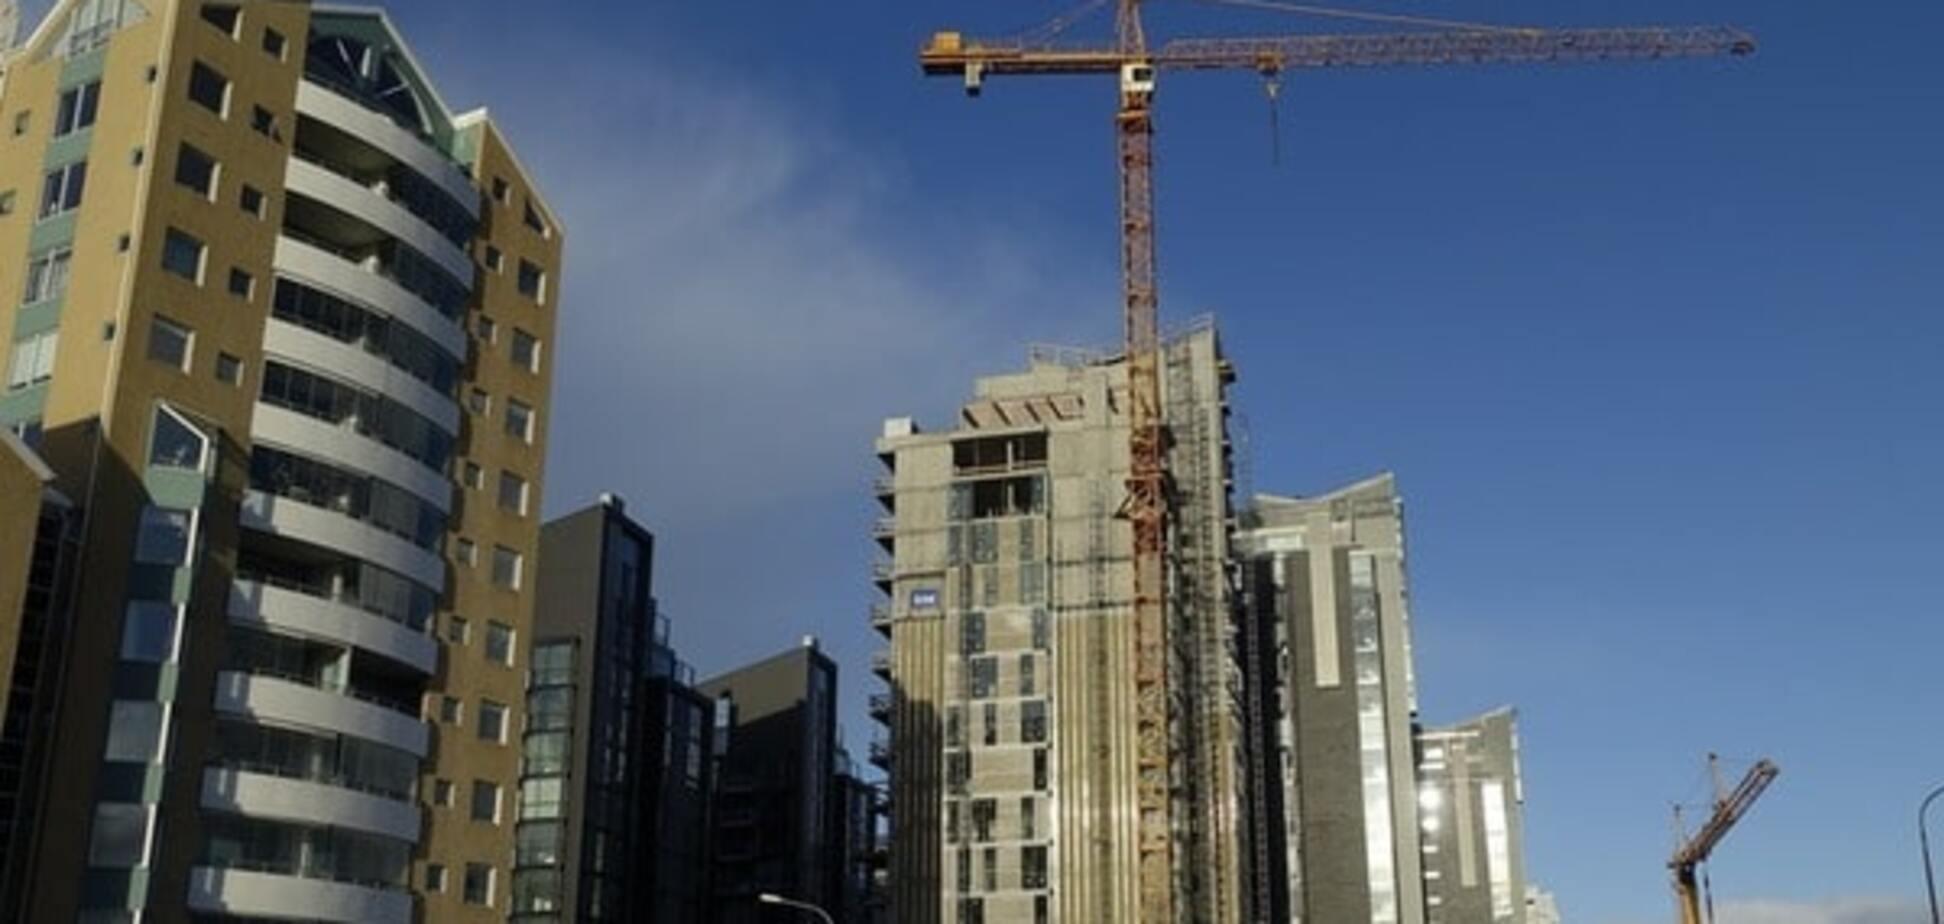 Проблемная недвижимость: киевские застройщики продают квартиры по принципу МММ